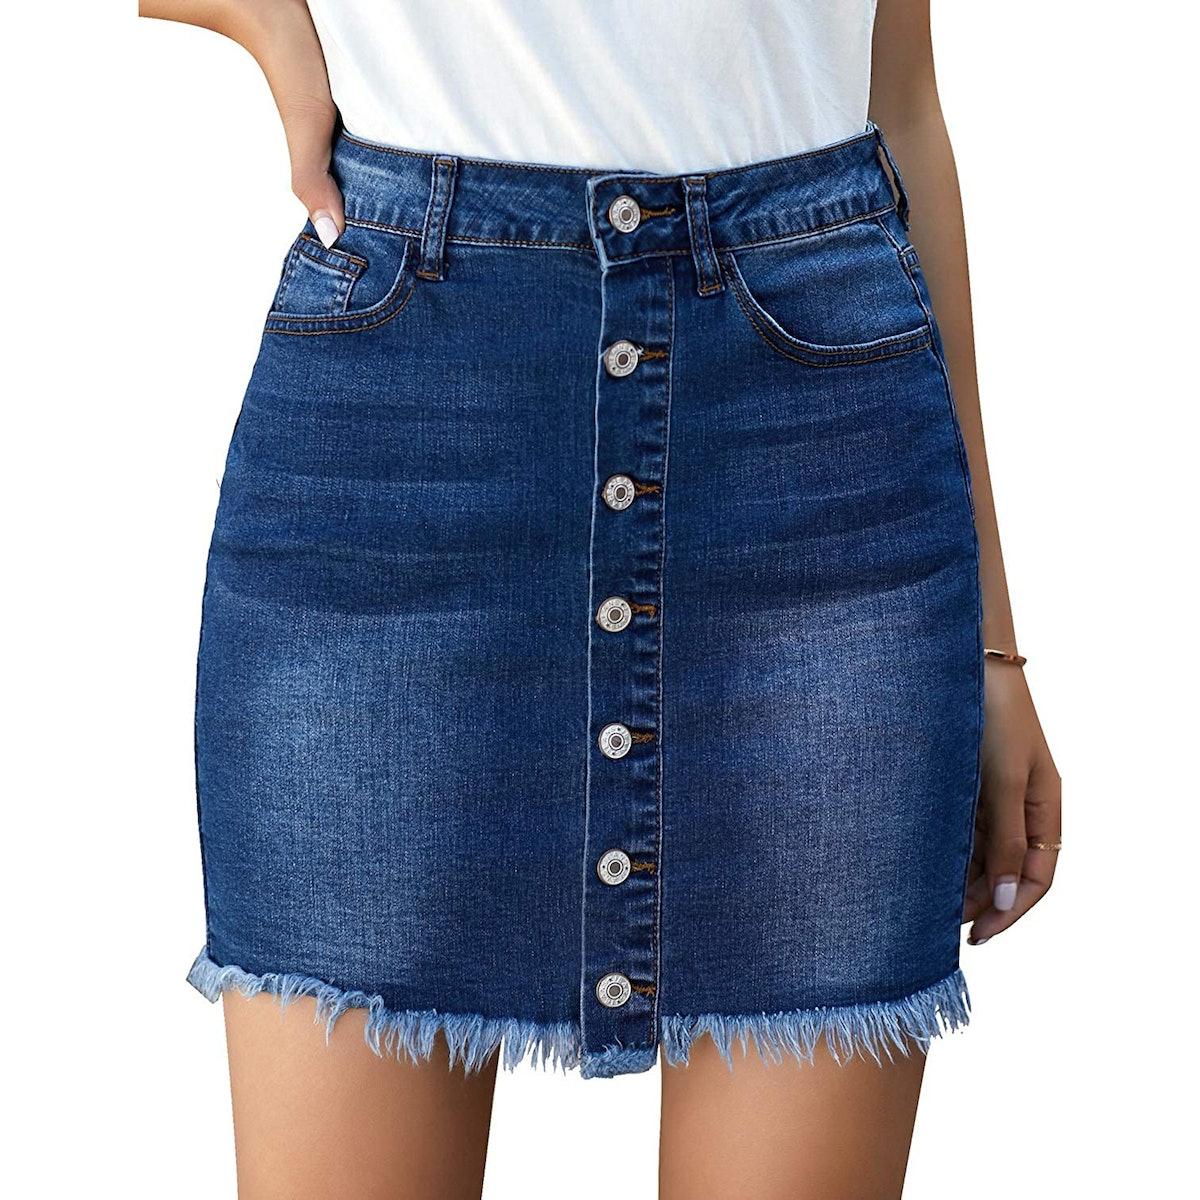 luvamia Button-Down Frayed Denim Skirt